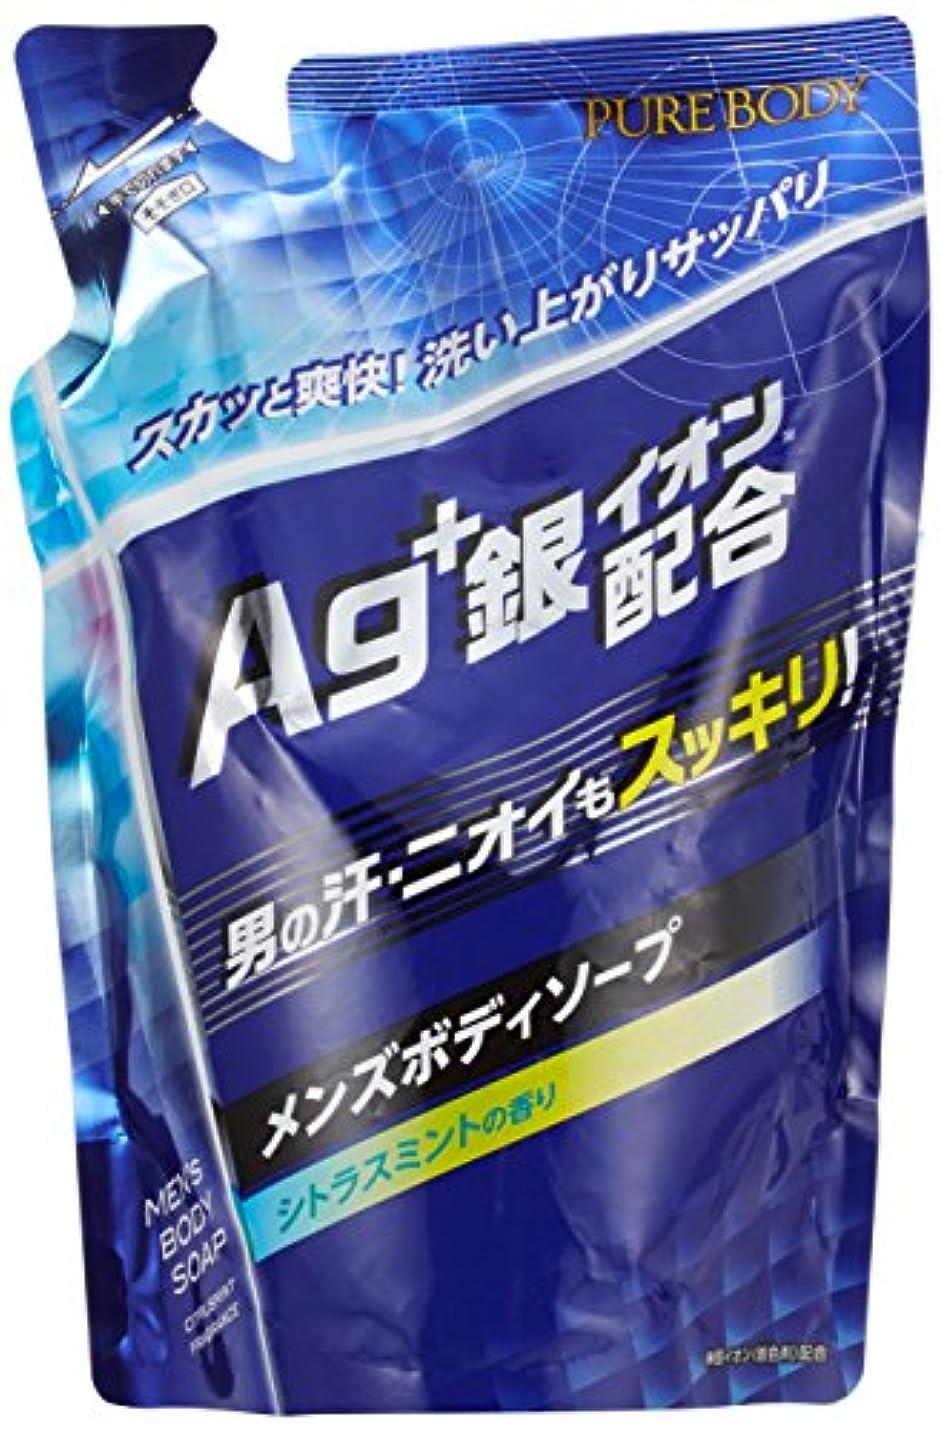 スペア暗記する実質的にメンズボディソープ 銀イオン配合 シトラスミントの香り 400ml